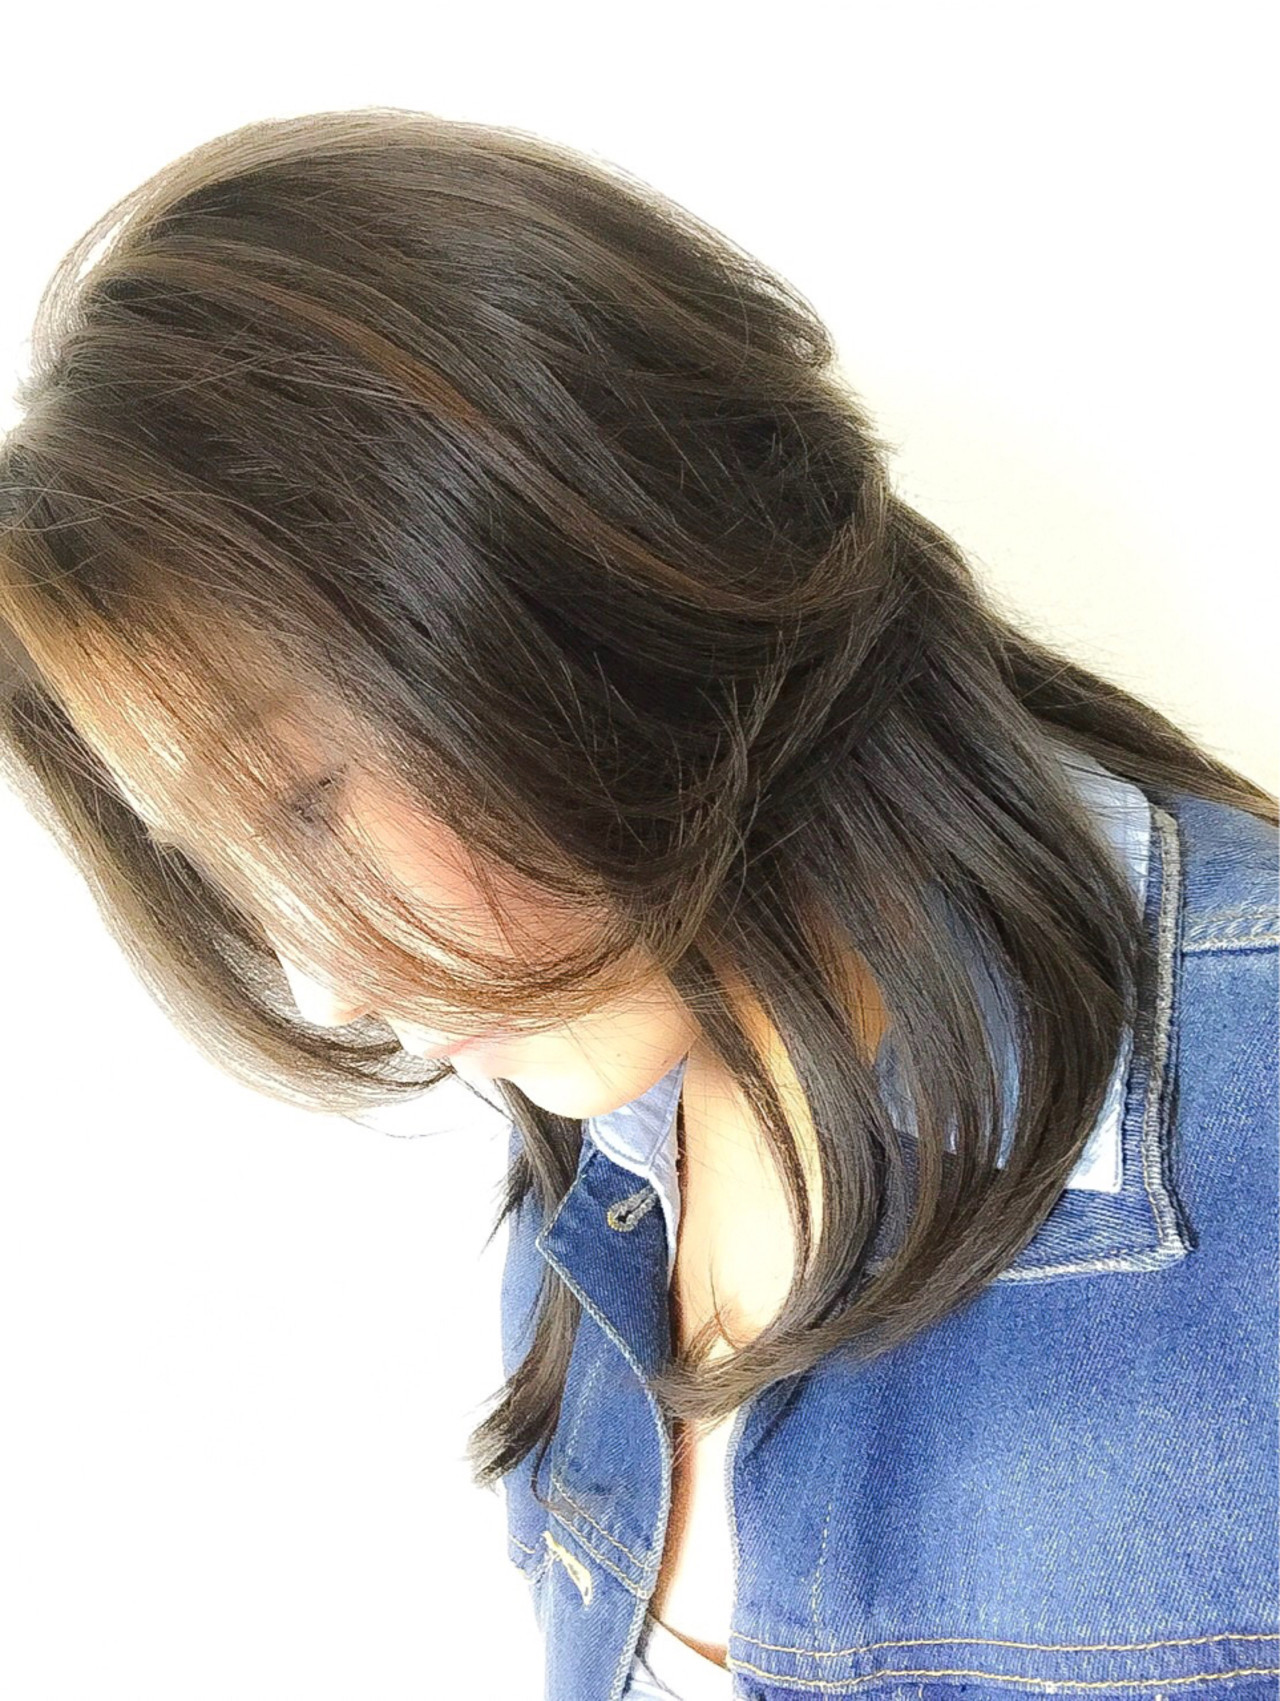 黒髪 エレガント 上品 イルミナカラー ヘアスタイルや髪型の写真・画像